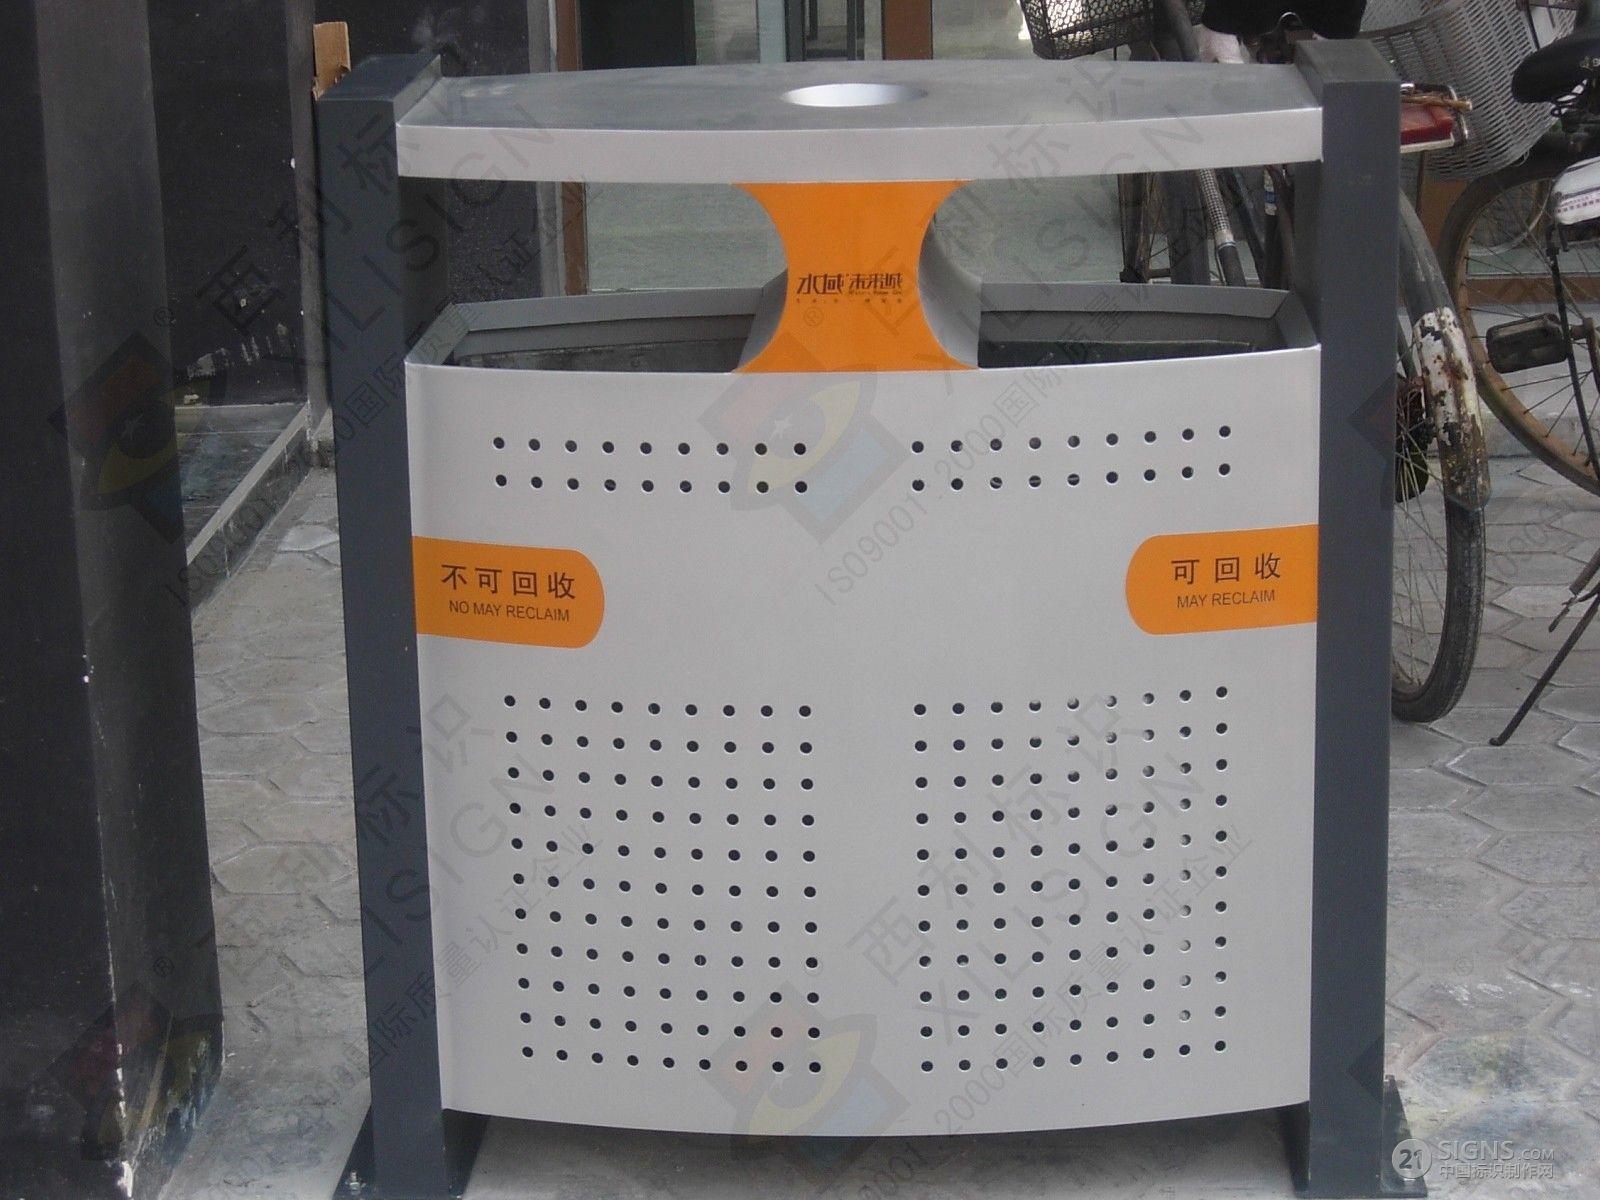 天津水域未来城-垃圾桶标识设计图片